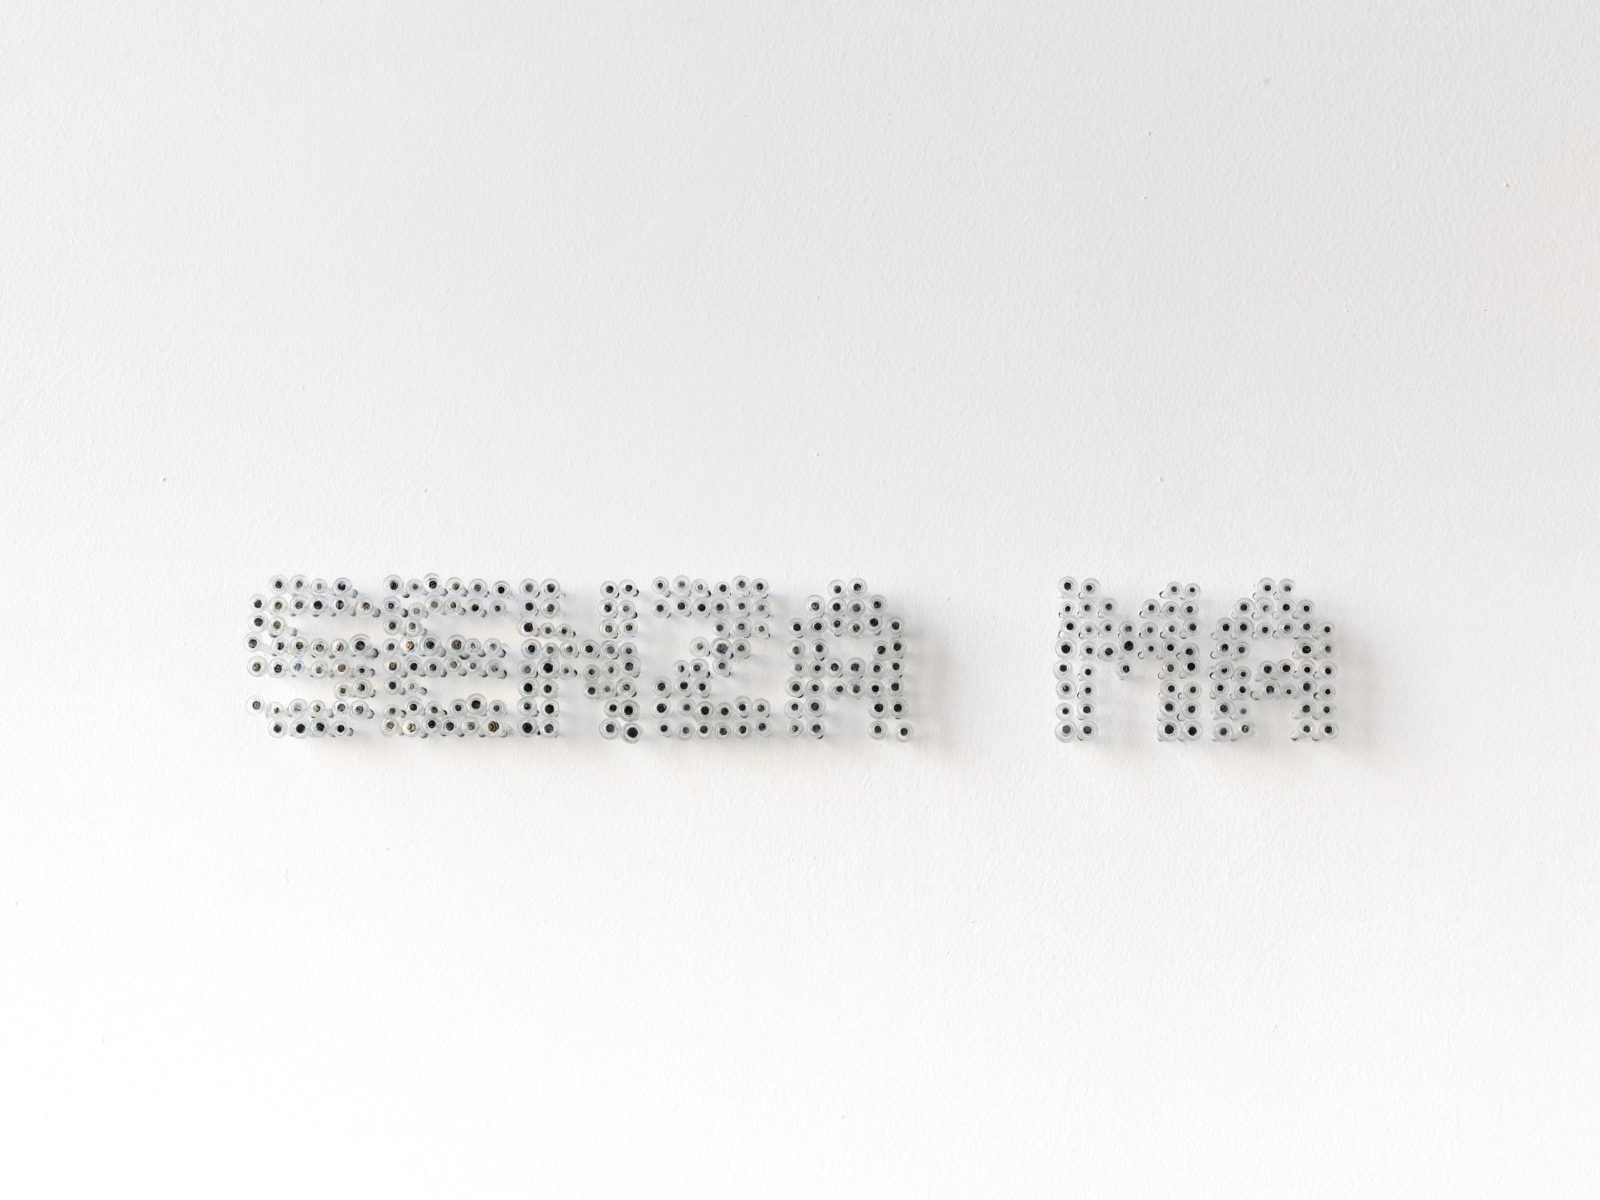 Penzo+Fiore, Senza ma, 2019, Murano glass nails, ph. G. Cecchinato